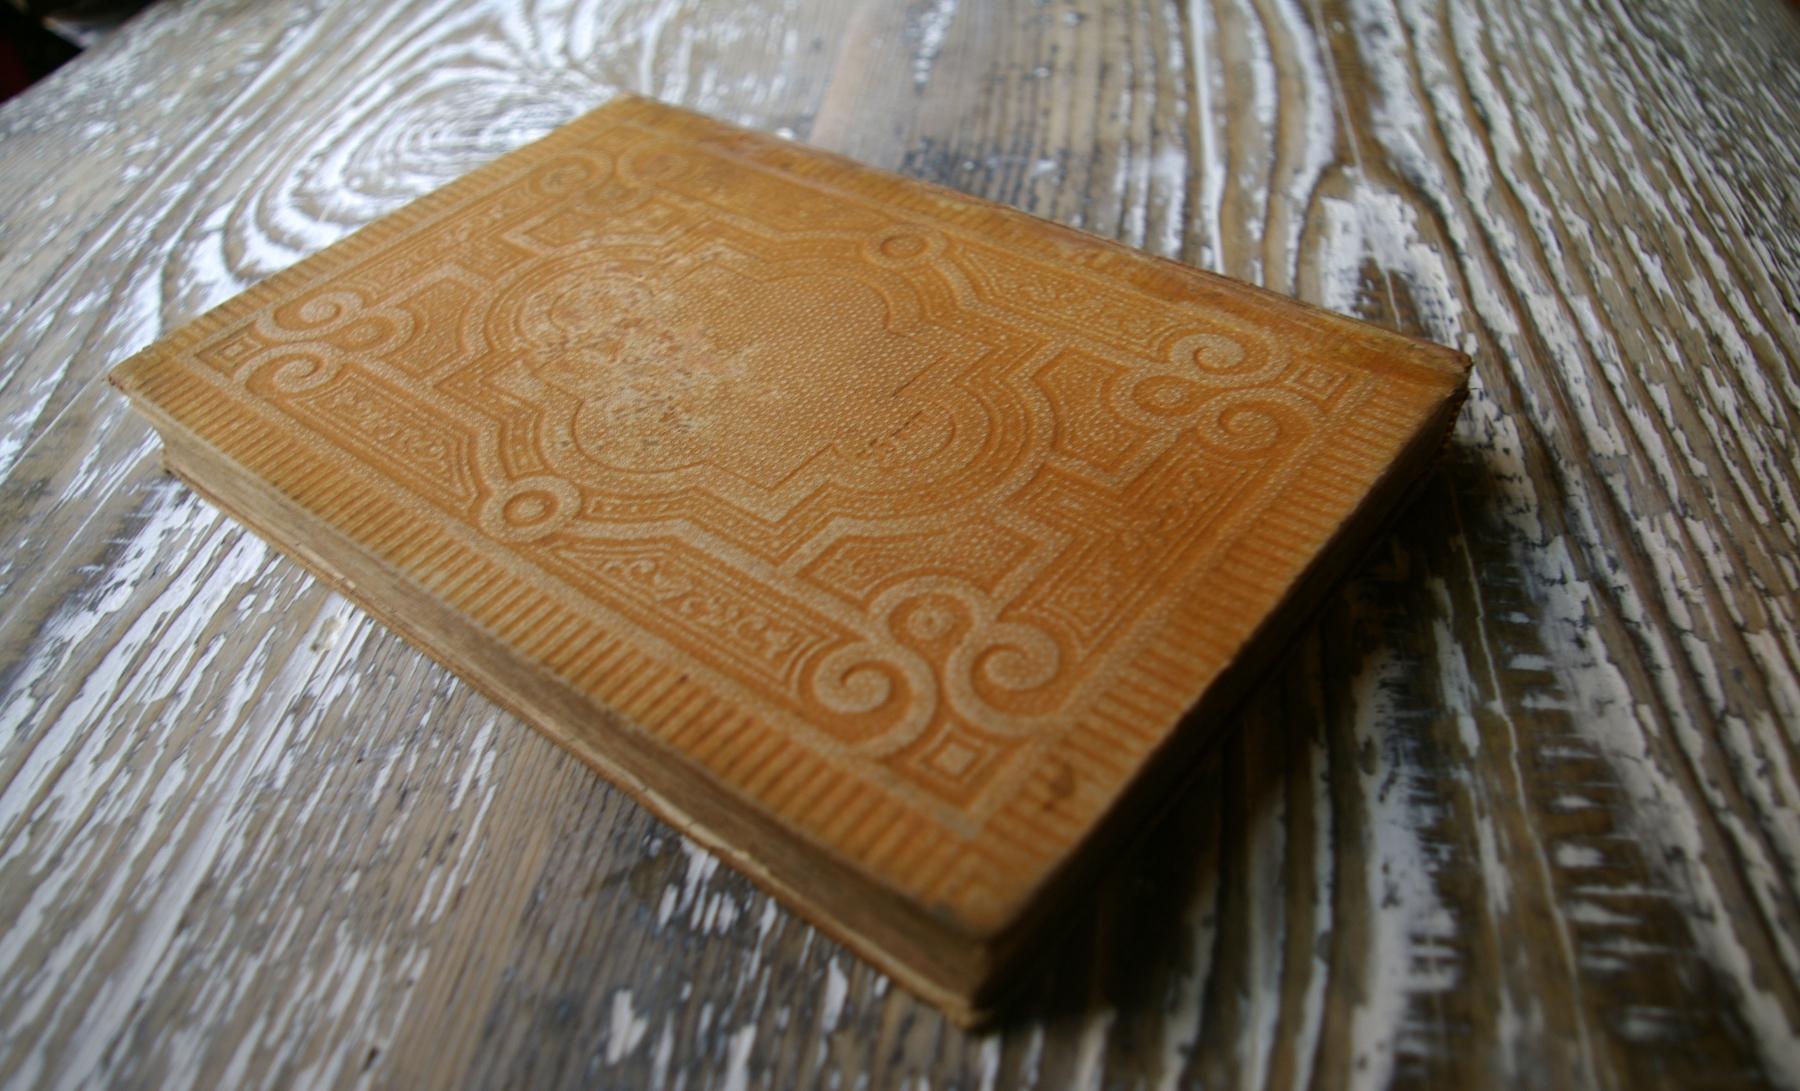 Задняя крышка отреставрированного переплета Евангелия 1895 года издания. У издания был оторван корешок, болтались крышки на блоке. Часть листов блока была разорвана.